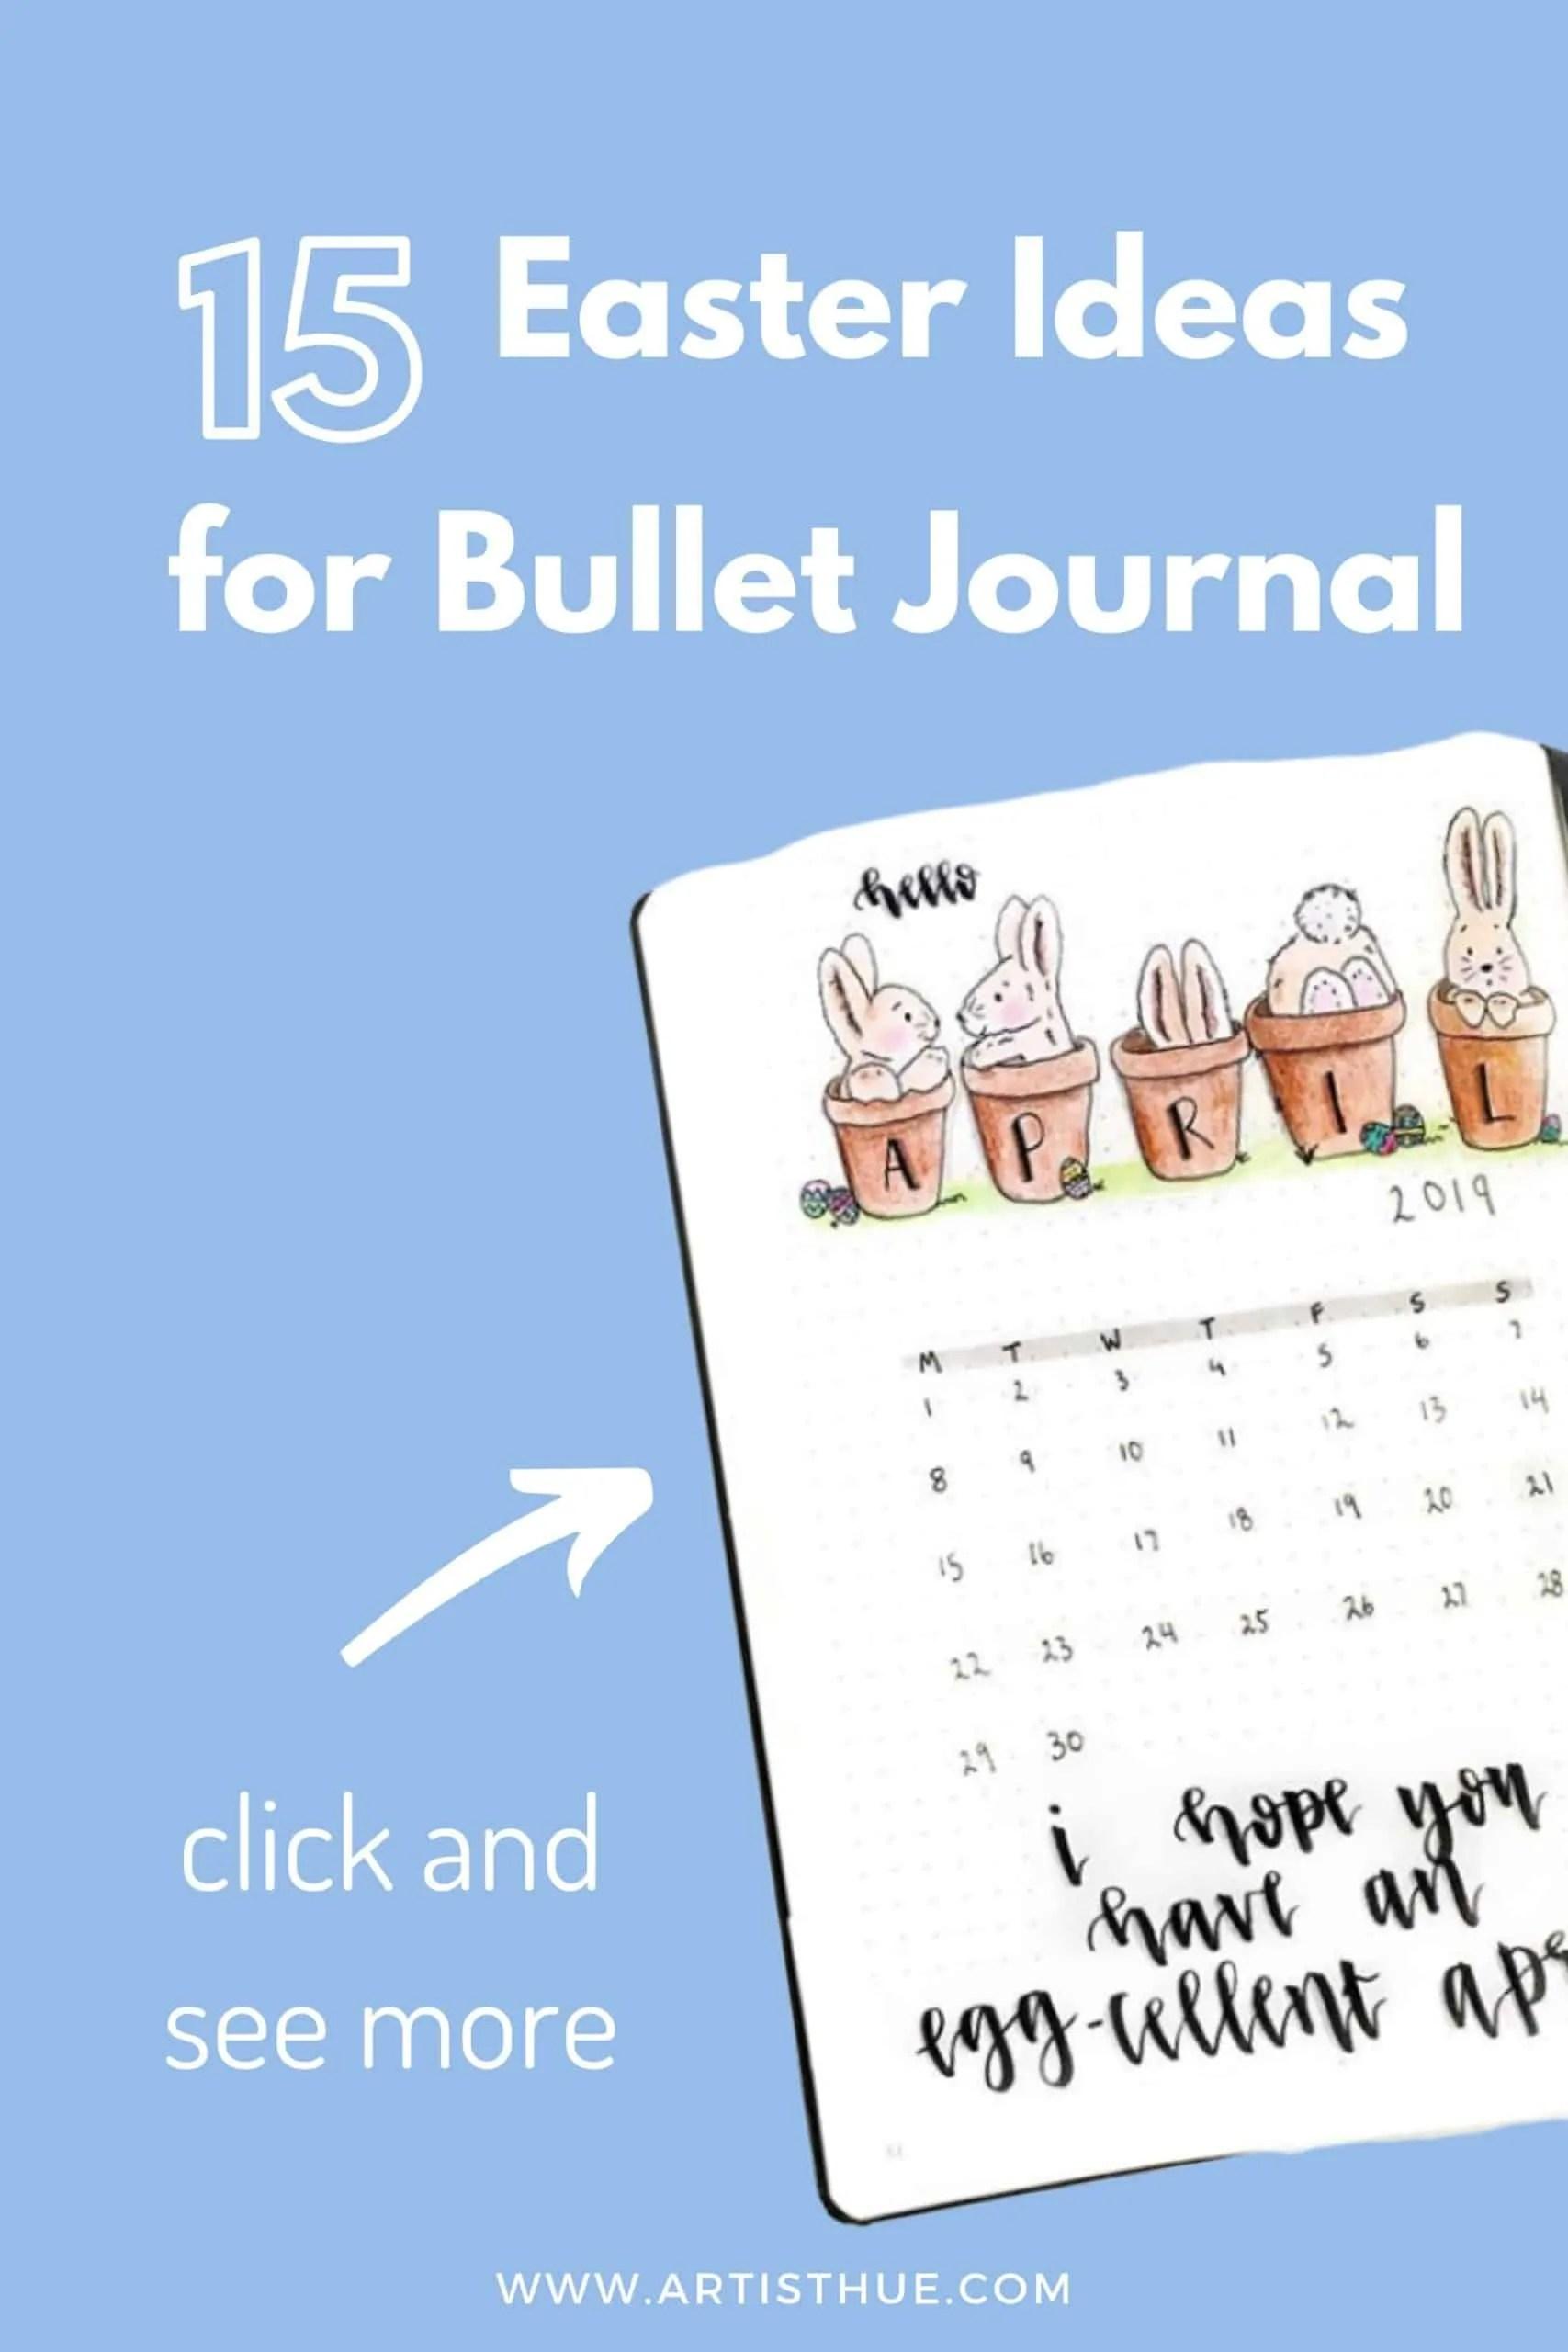 15 Easter Theme Ideas for Bullet Journal 11